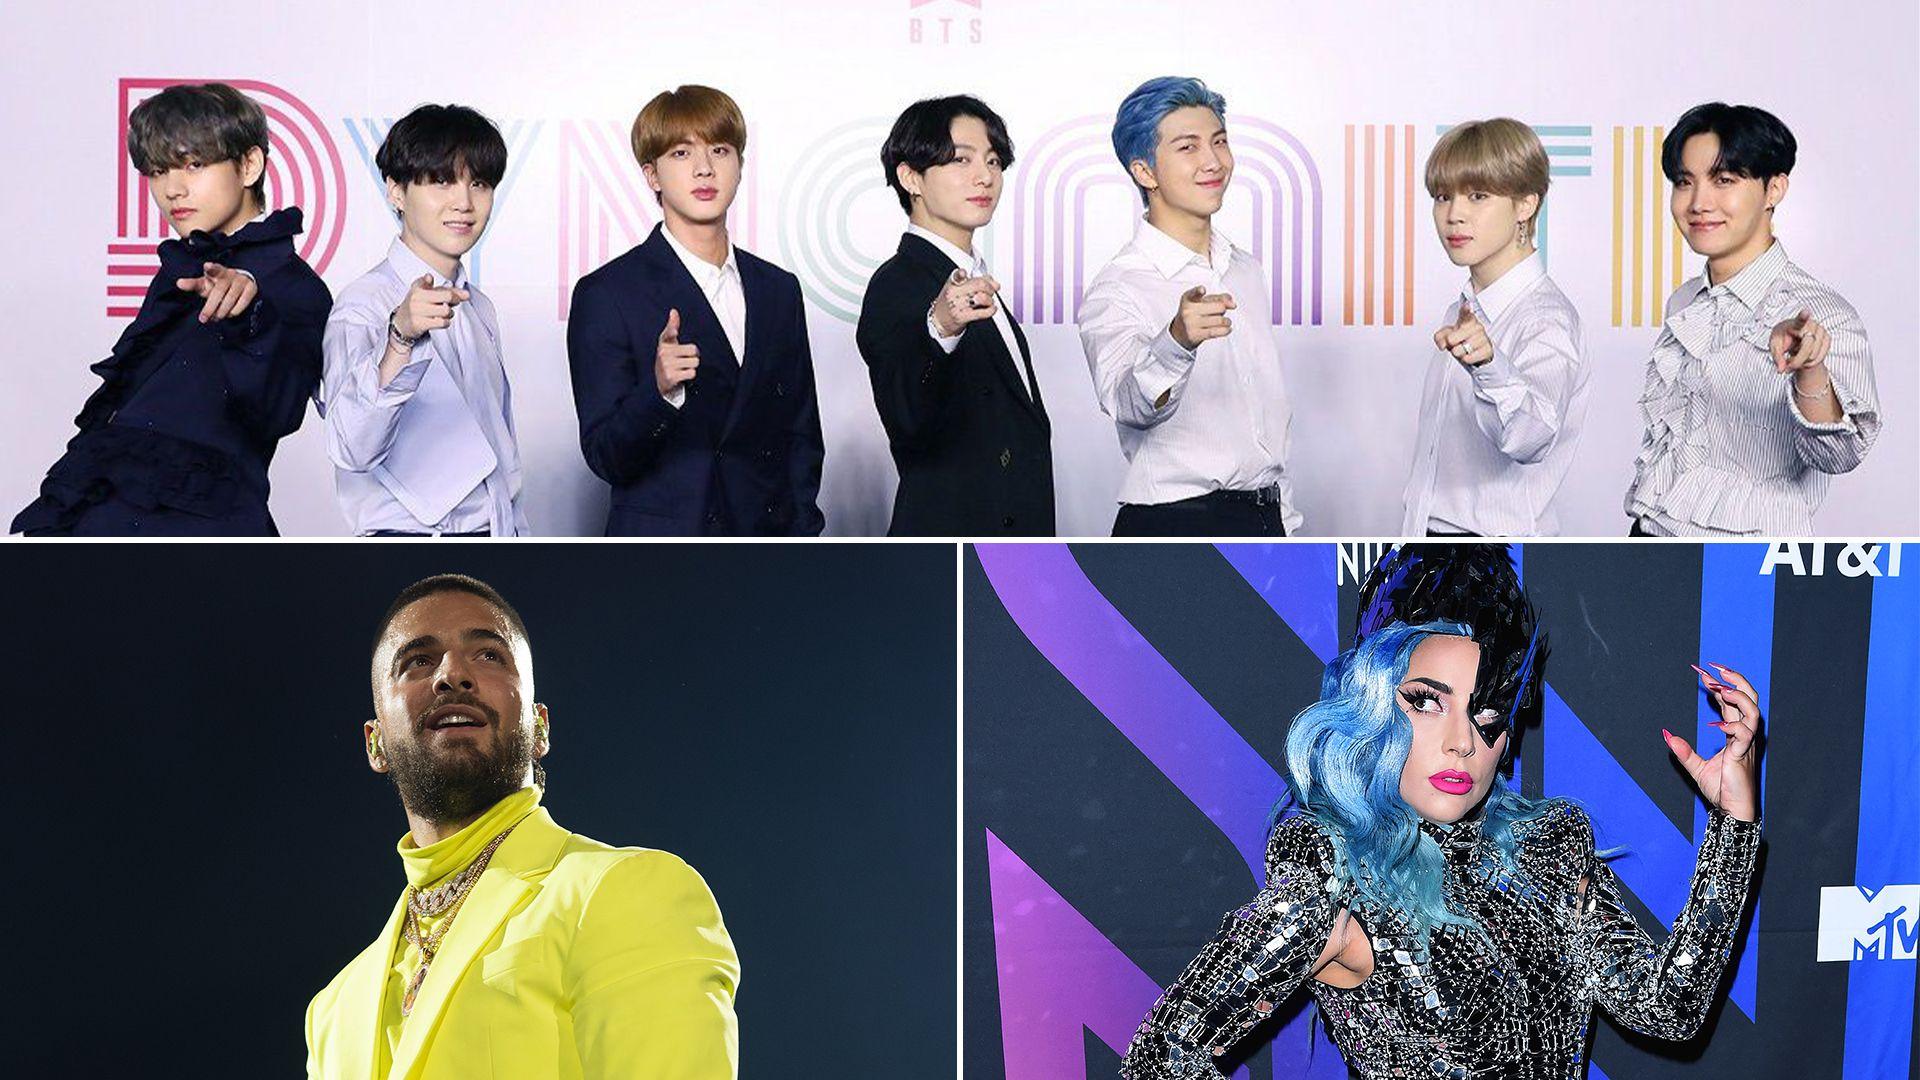 Los MTV VMA's 2020 son catalogados: 'una de las peores premiaciones del año'